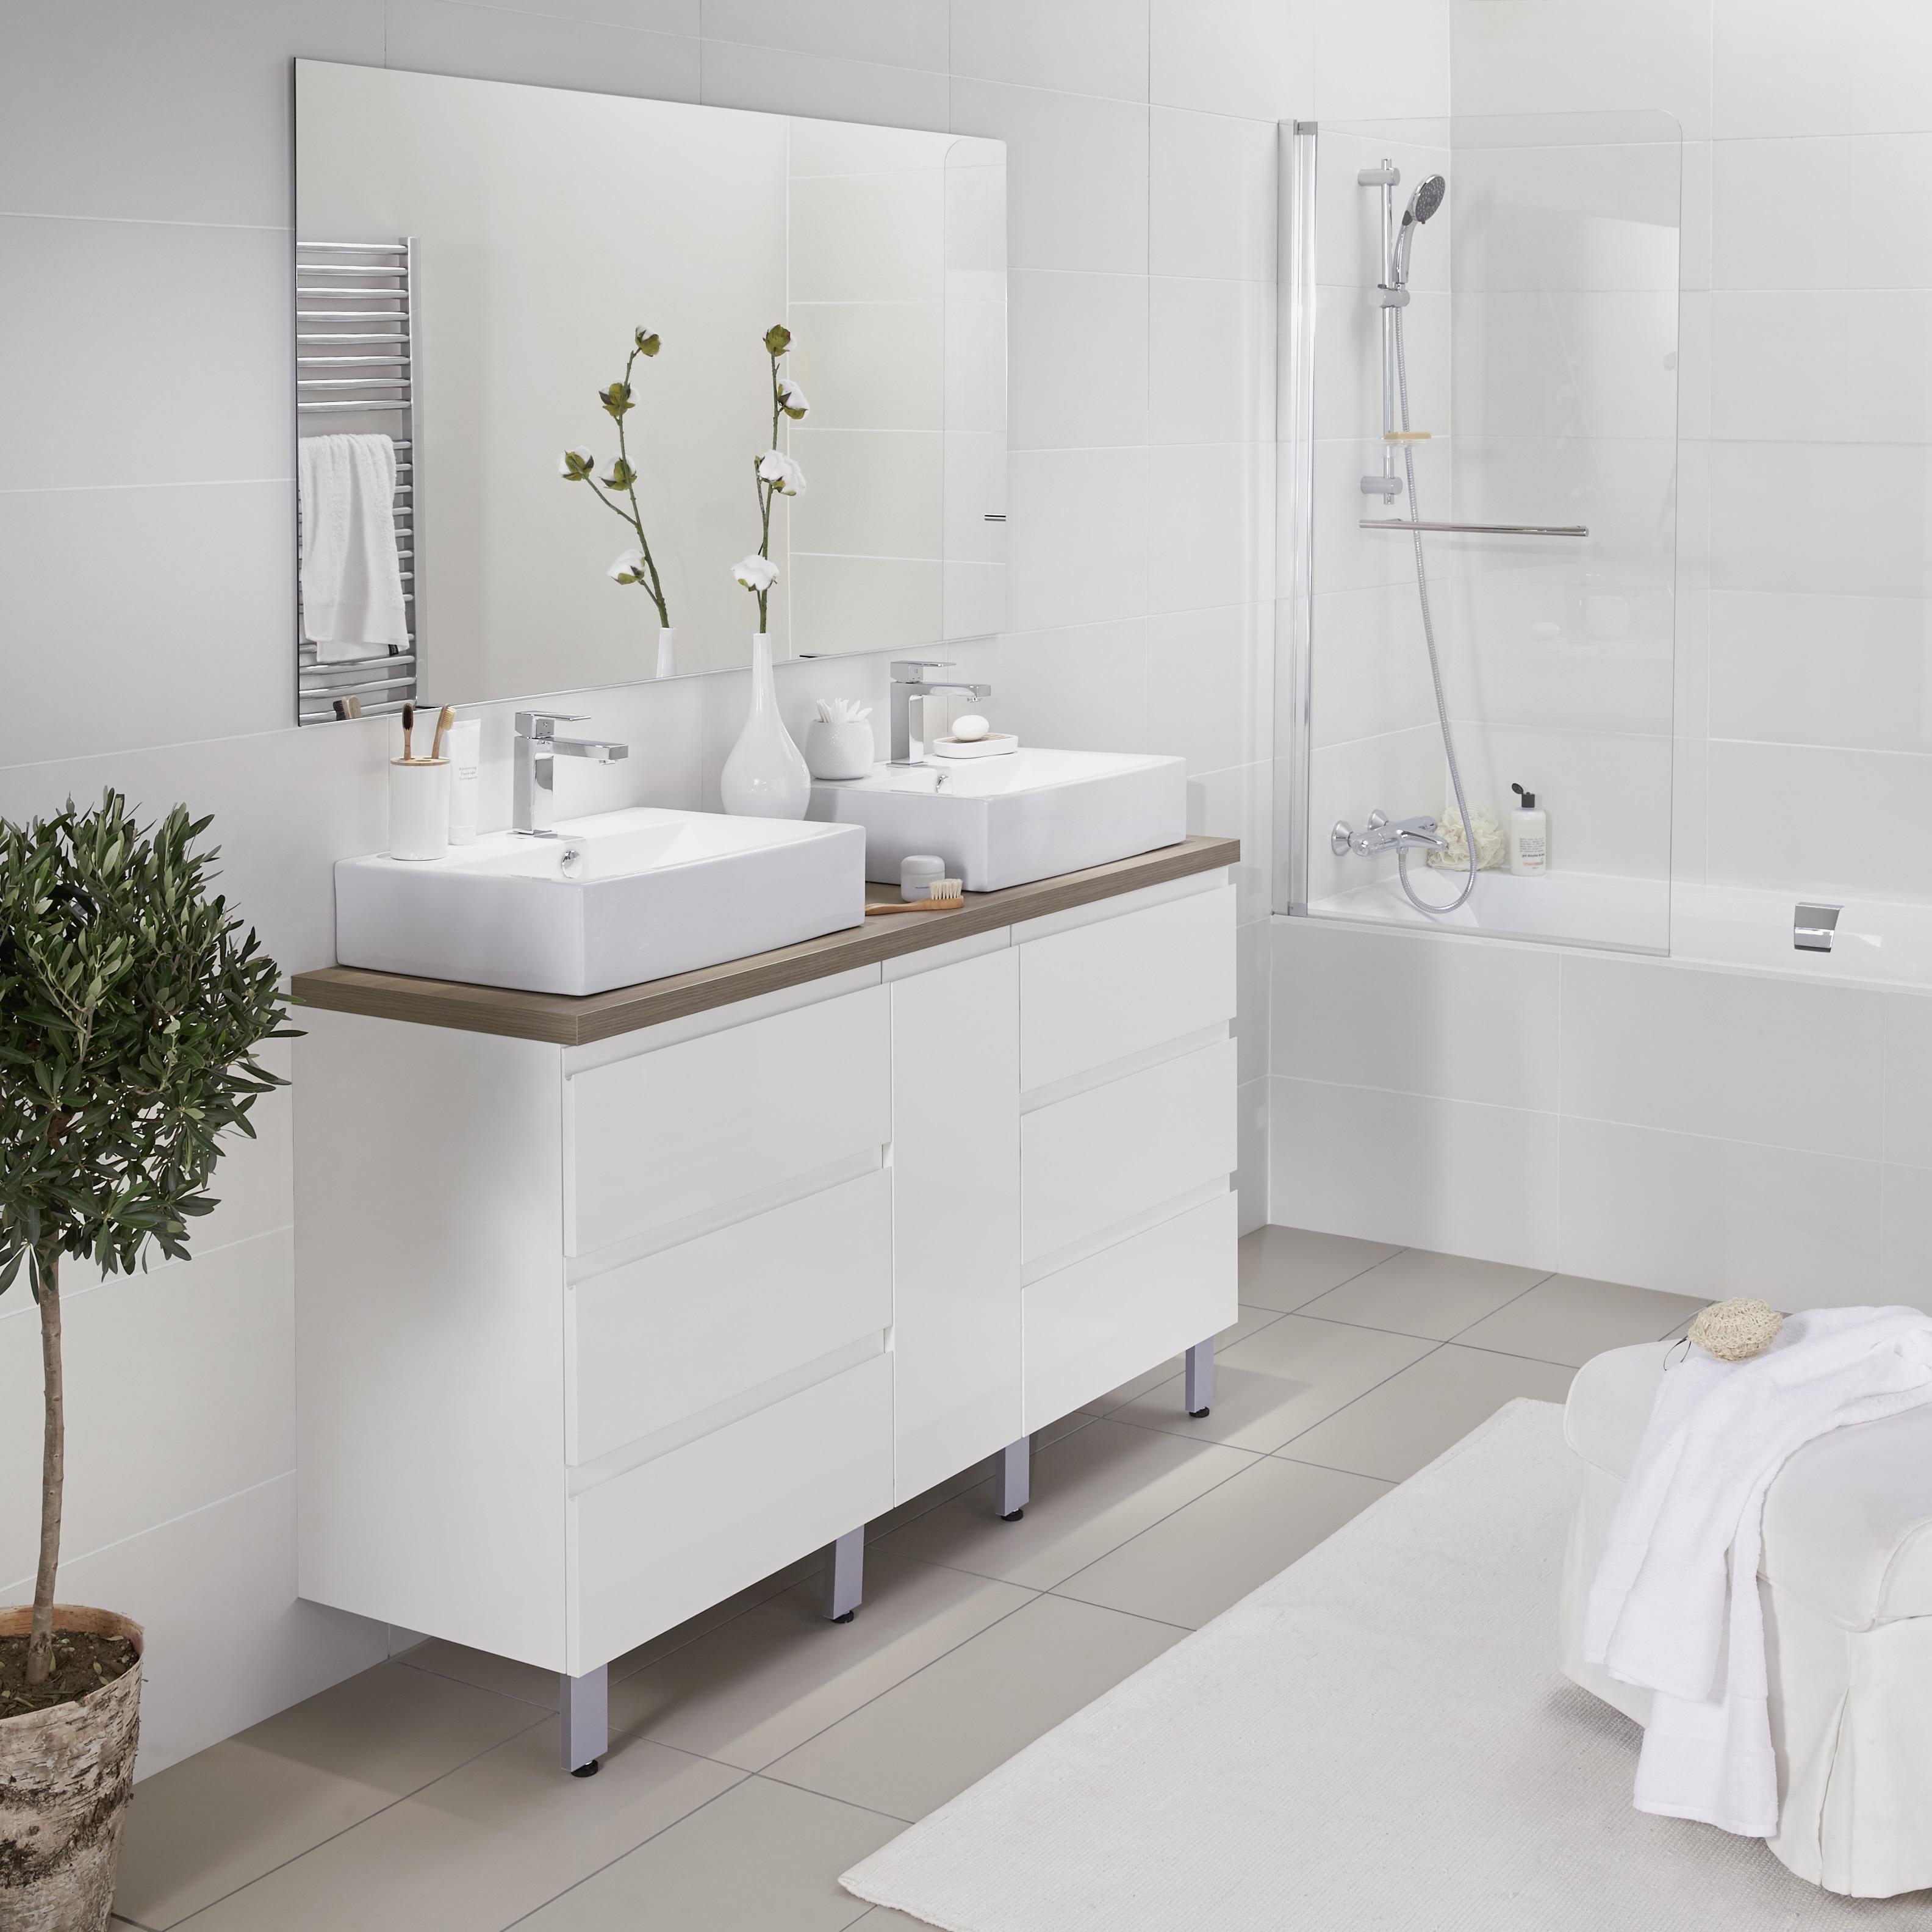 Salle De Bain Creamix ~ 201618826 lapeyre meuble creamix 150 cm blanc lapeyre presse